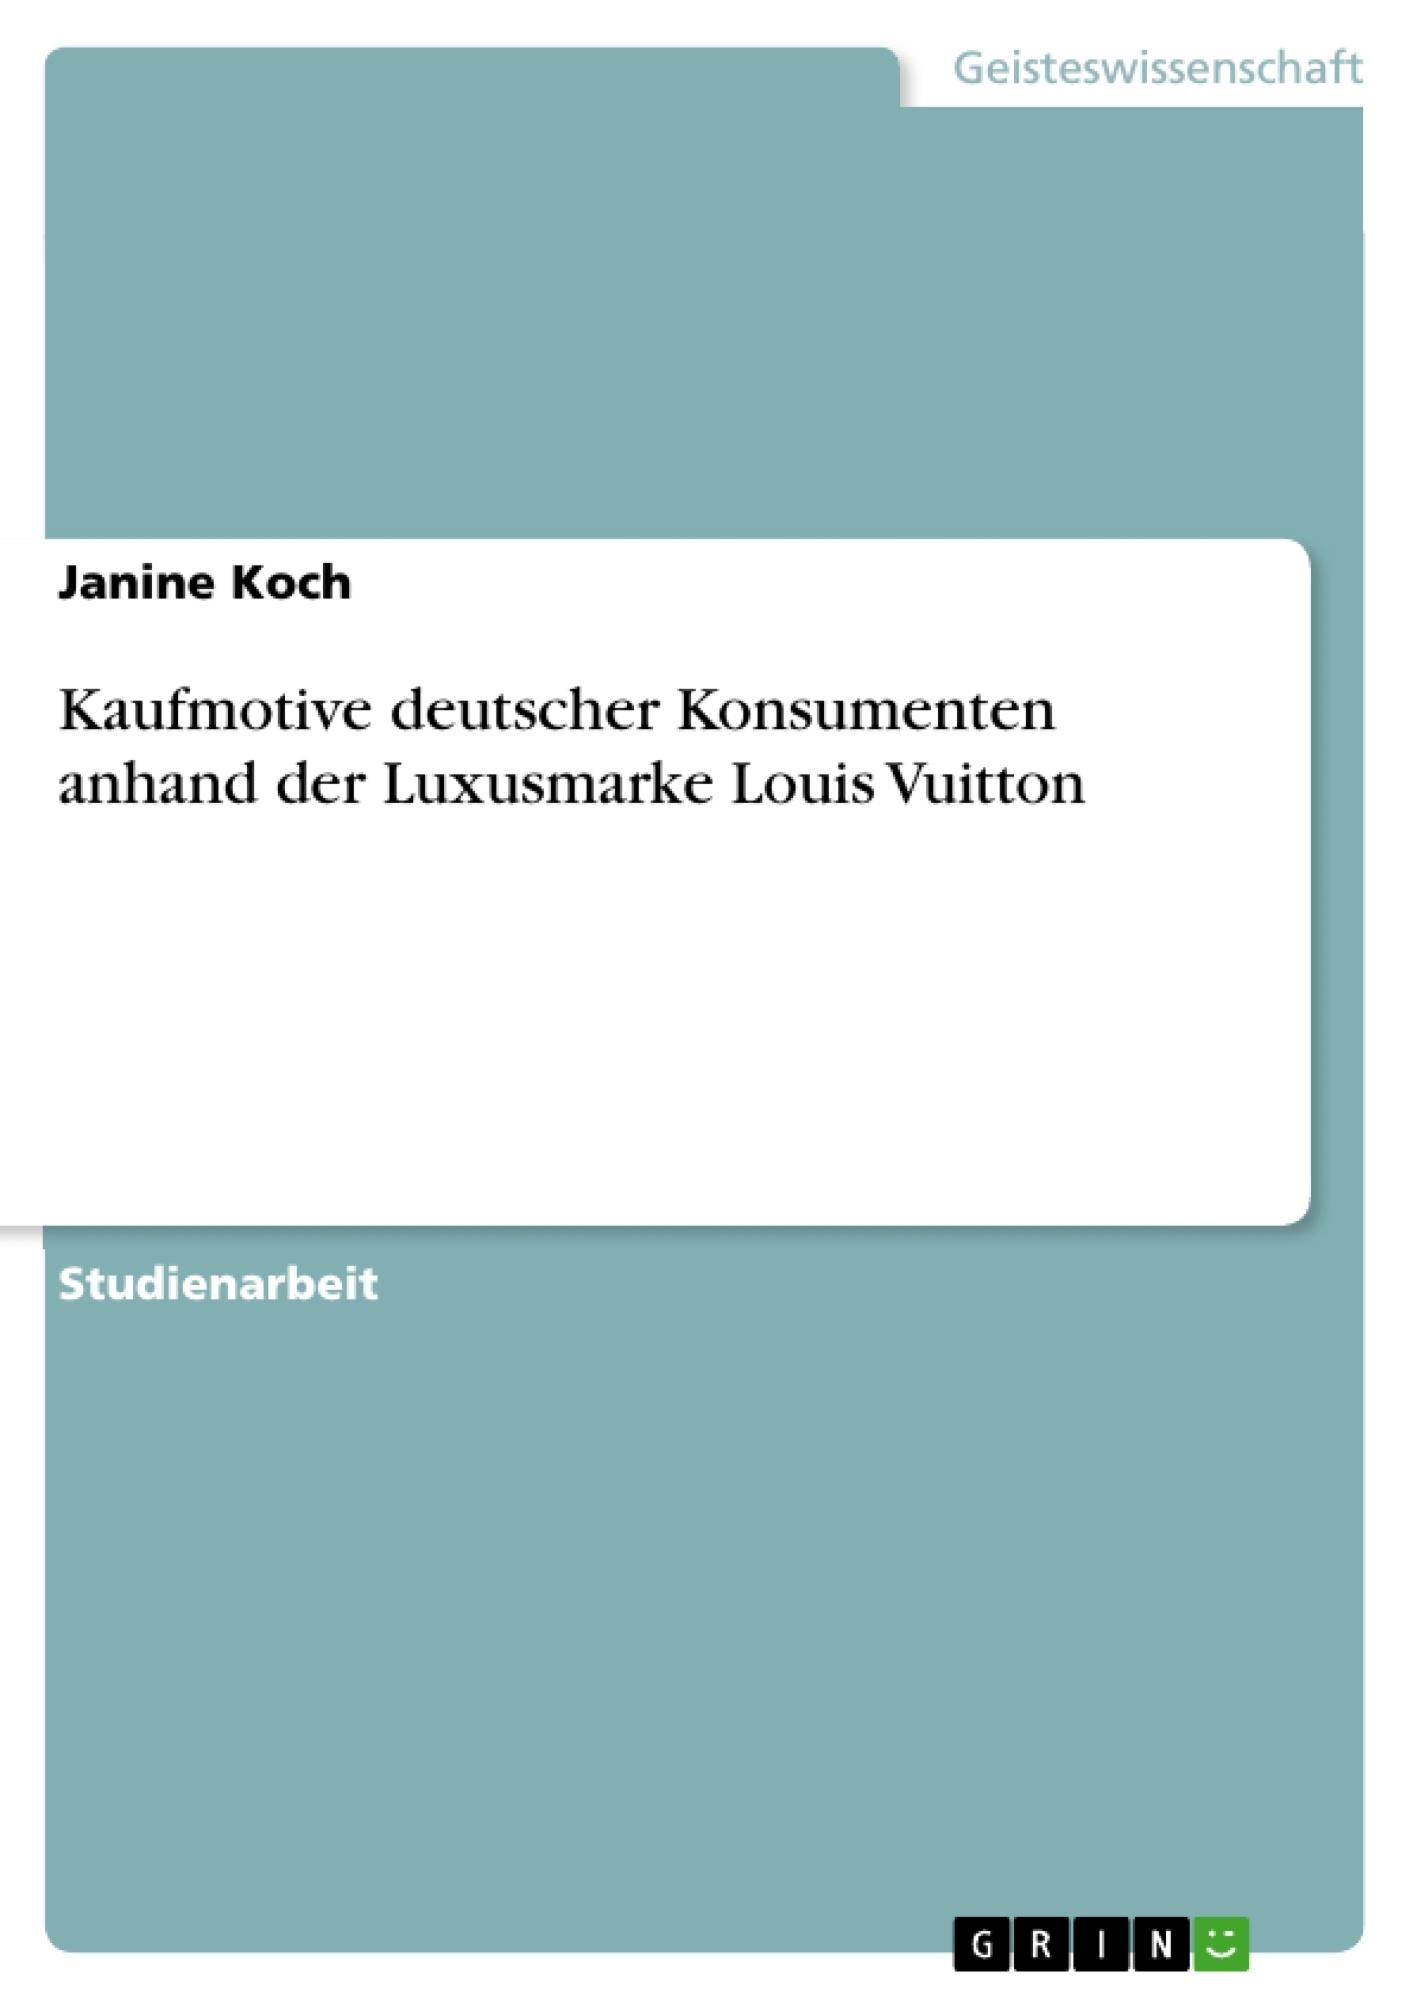 Titel: Kaufmotive deutscher Konsumenten anhand der Luxusmarke Louis Vuitton